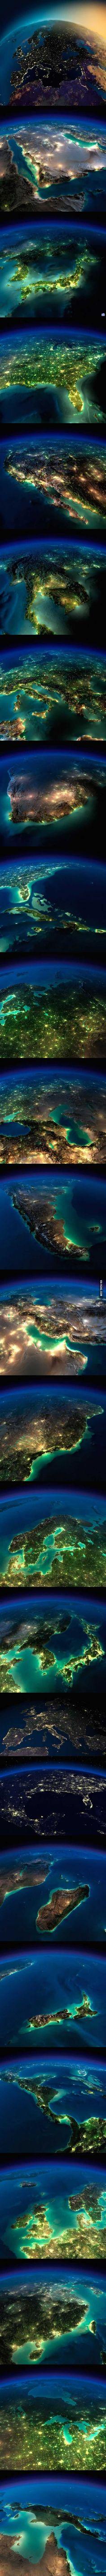 Die #Erde in der #Nacht.  #Natur #Landschaft